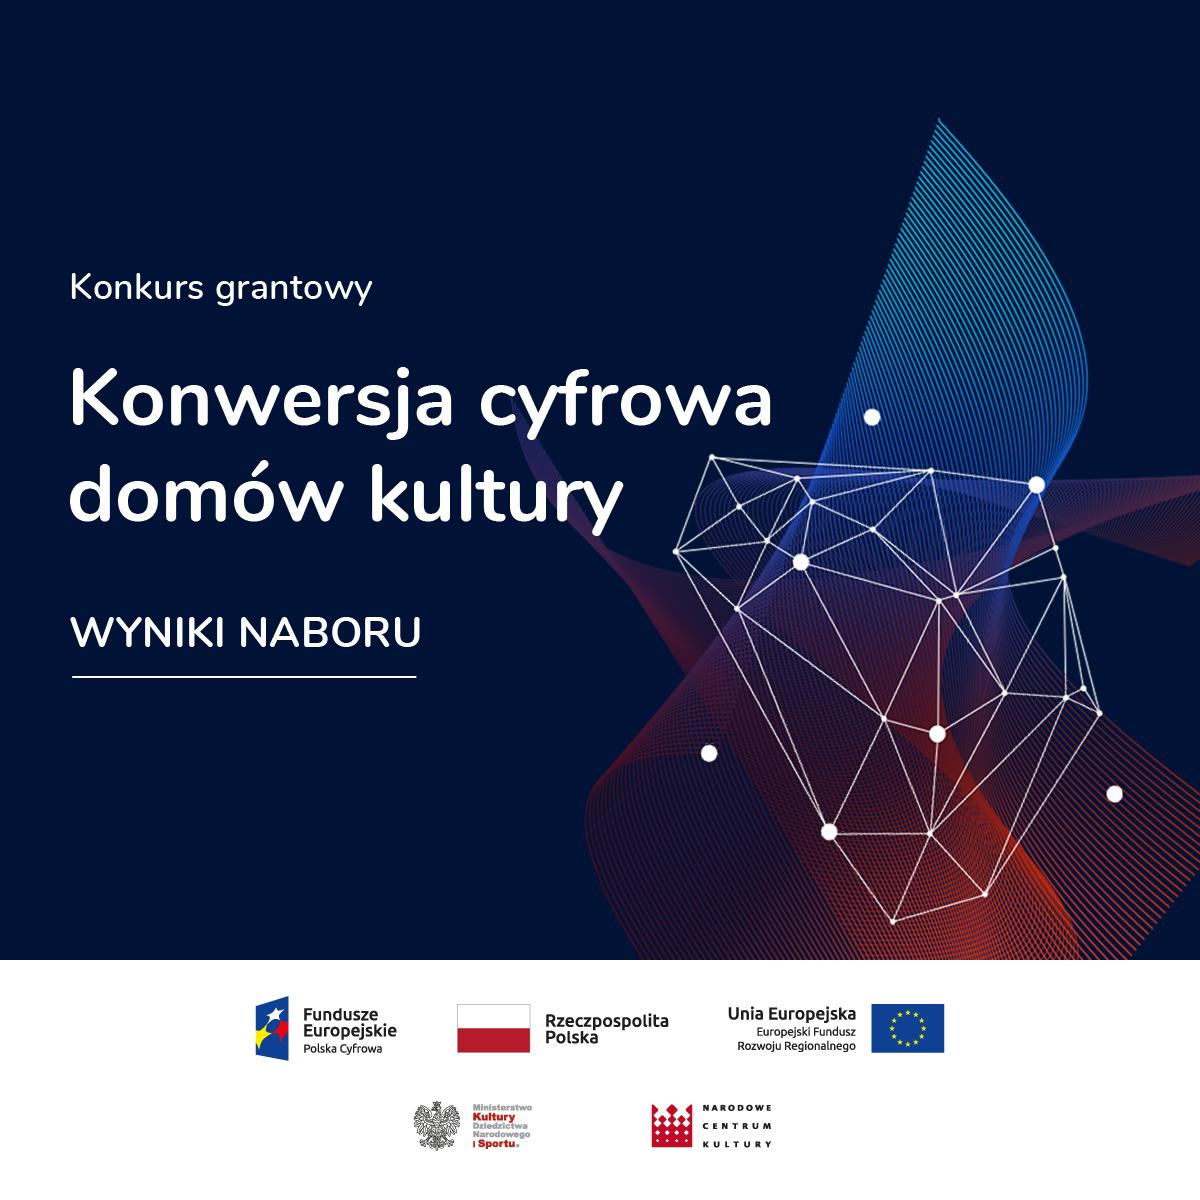 """Plakat programu grantowego """"Konwersja cyfrowa domów kultury"""", w ramach którego dostaliśmy dofinansowanie dla Gminnego Ośrodka Kultury w Wiązownie"""